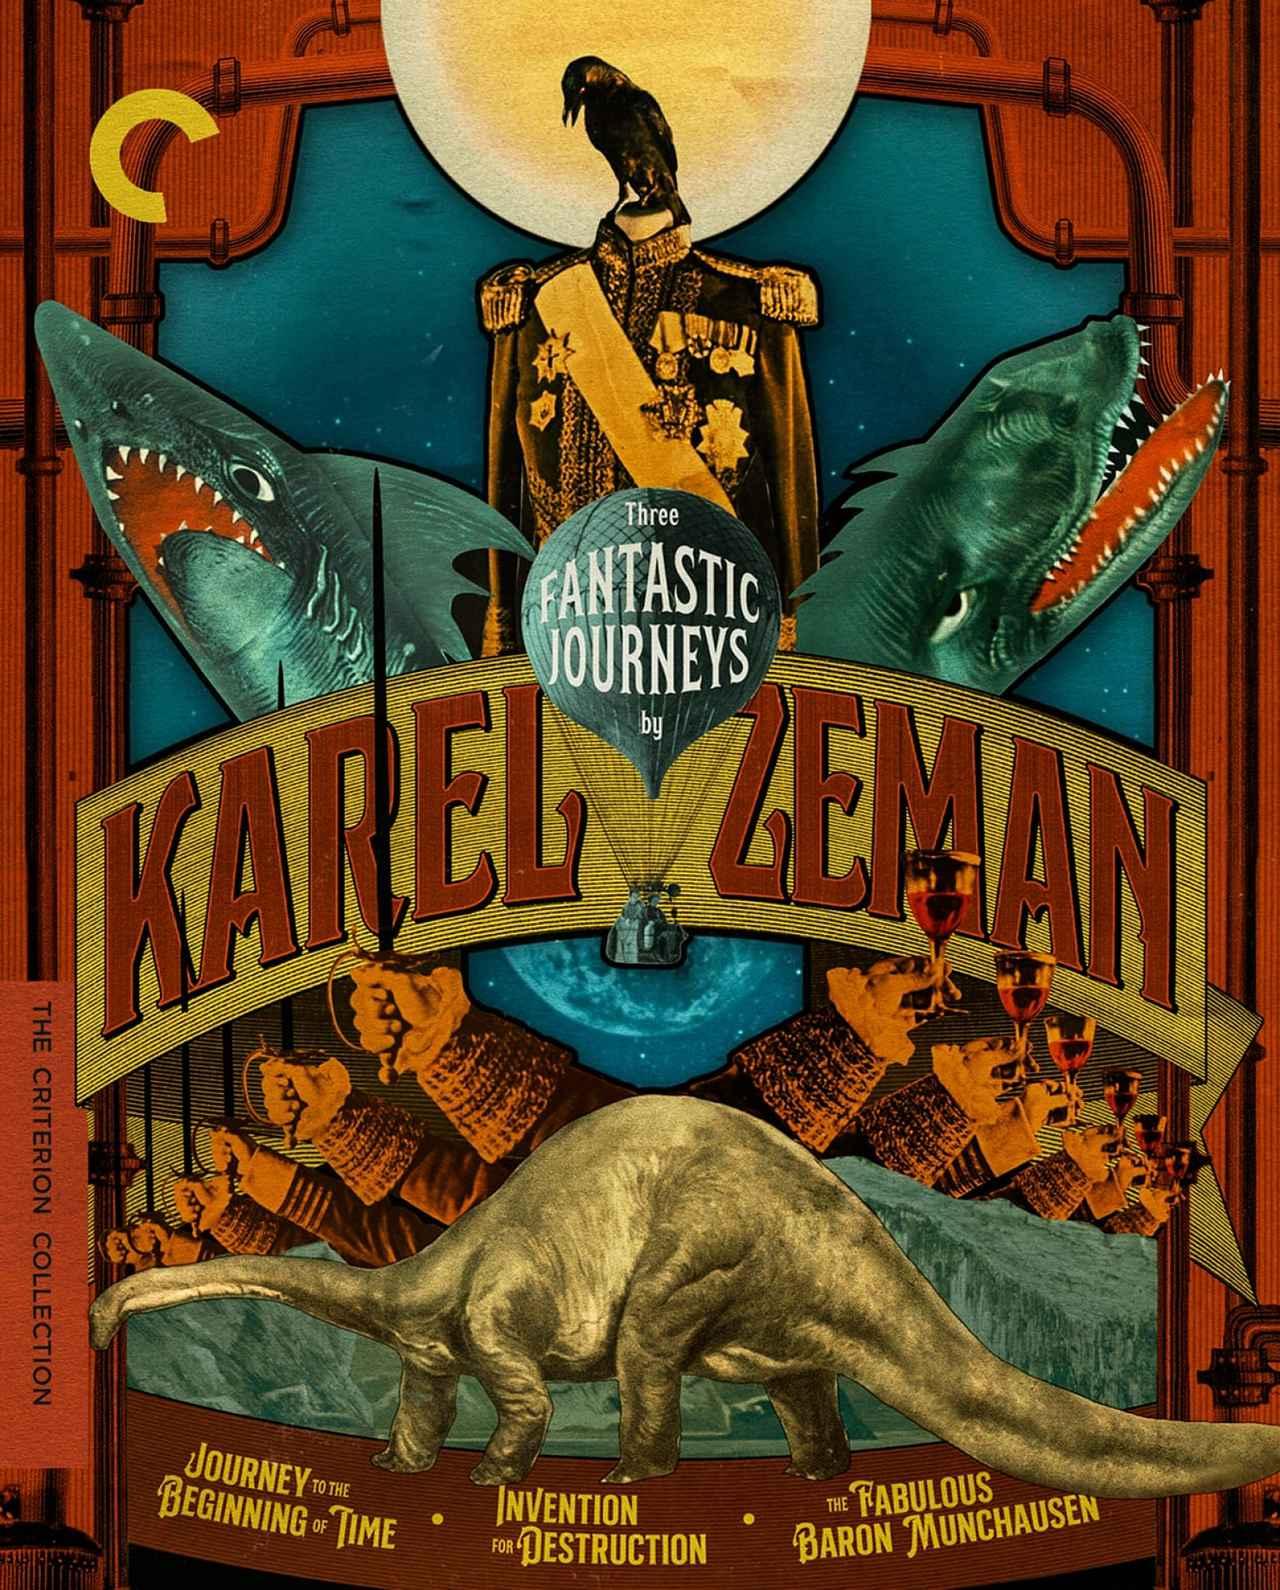 画像1: カレル・ゼマン監督作『前世紀探険』『悪魔の発明』『ほら男爵の冒険』【クライテリオンNEWリリース】